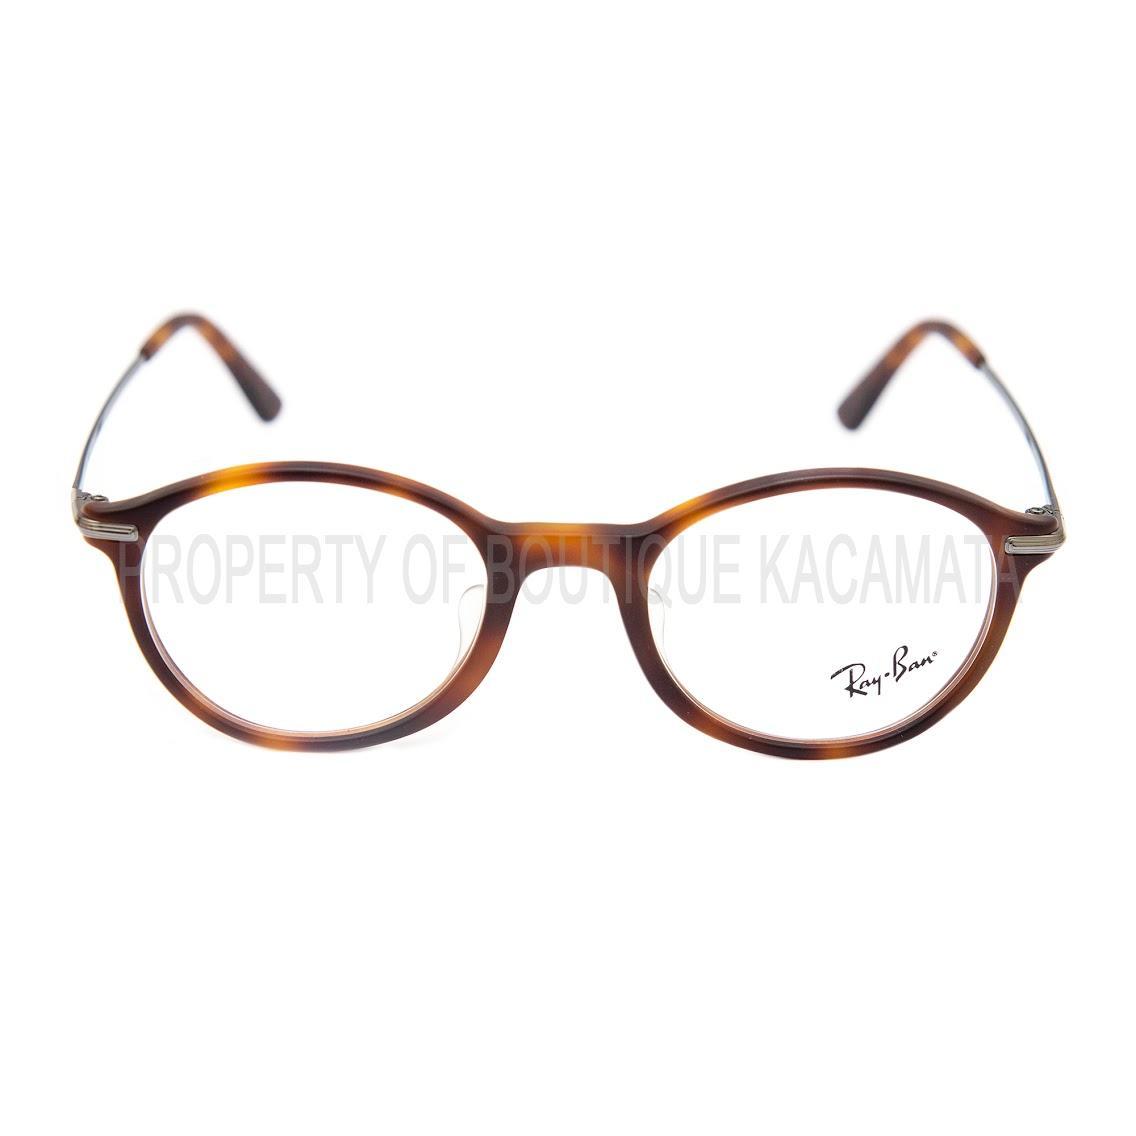 Kacamata Rayban Original 5307D-5195